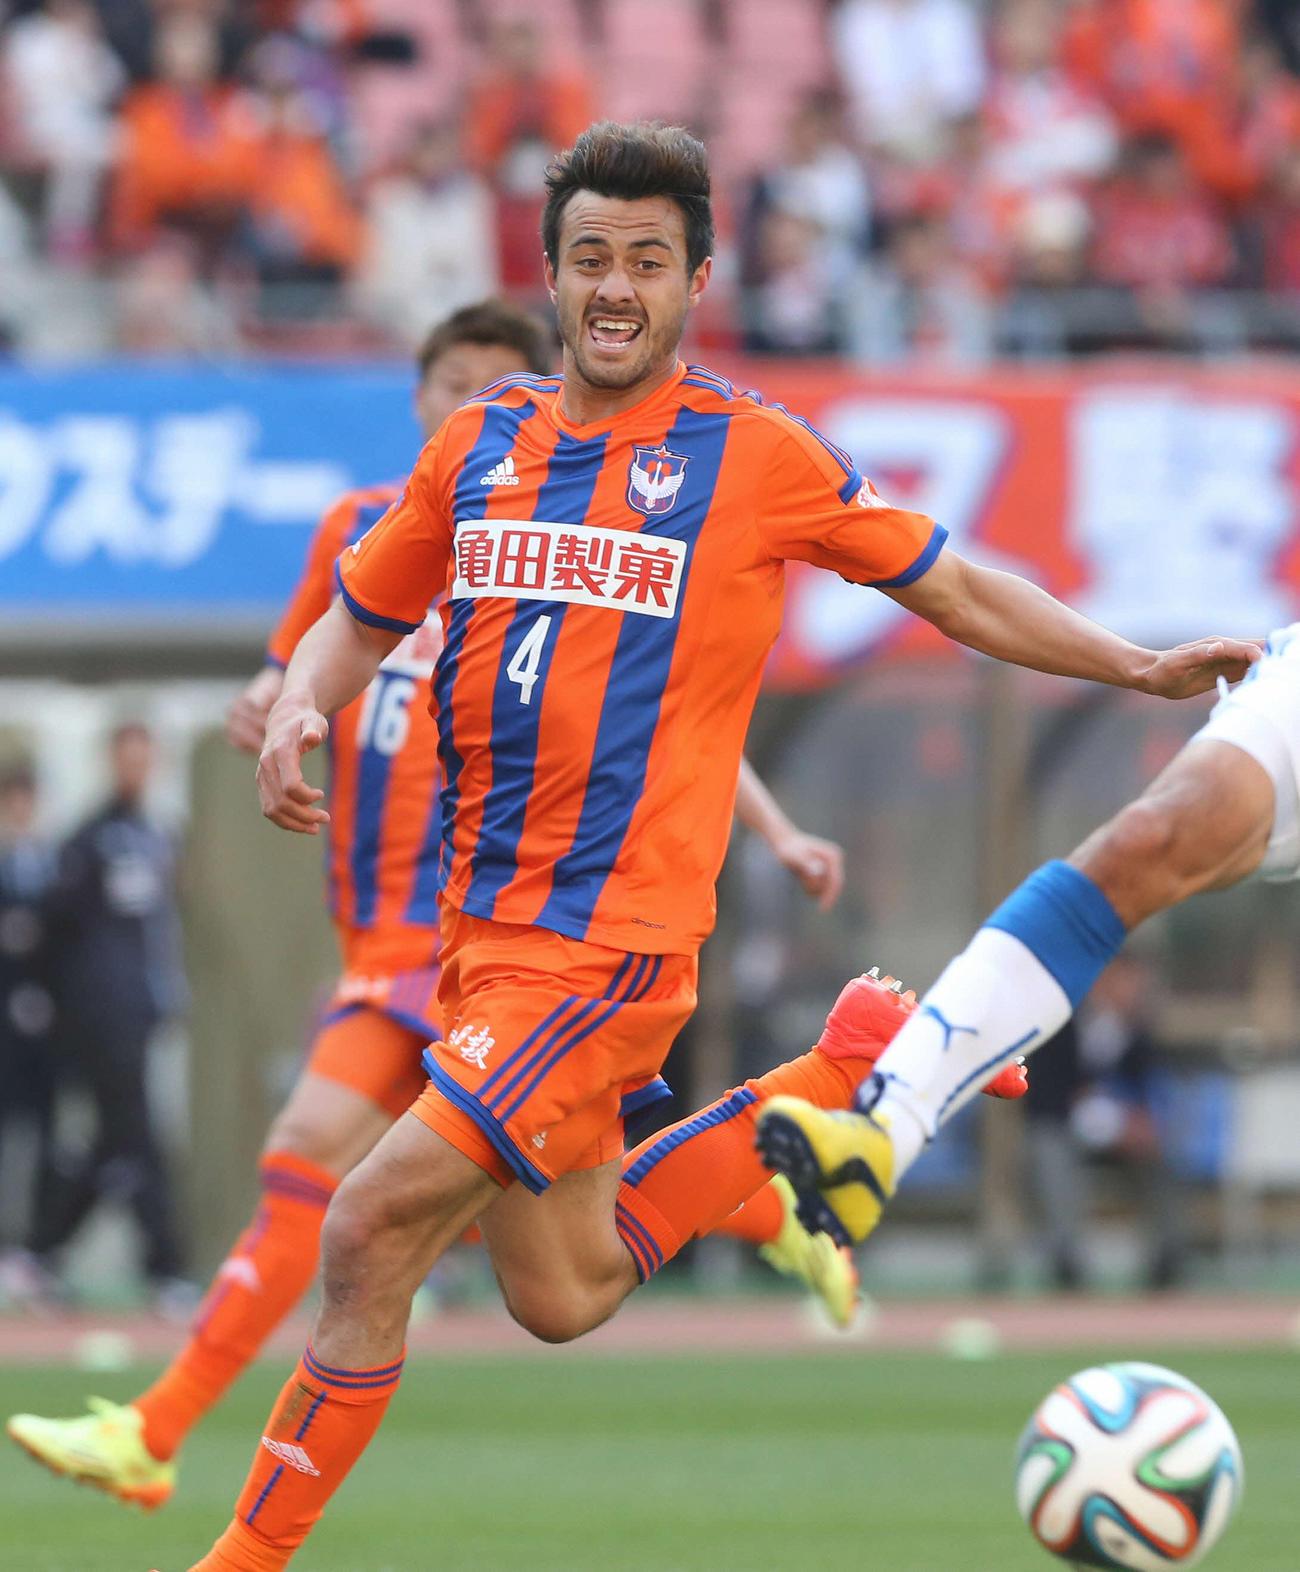 新潟、川崎F舞行龍ジェームズを完全移籍で獲得 - J2 : 日刊スポーツ